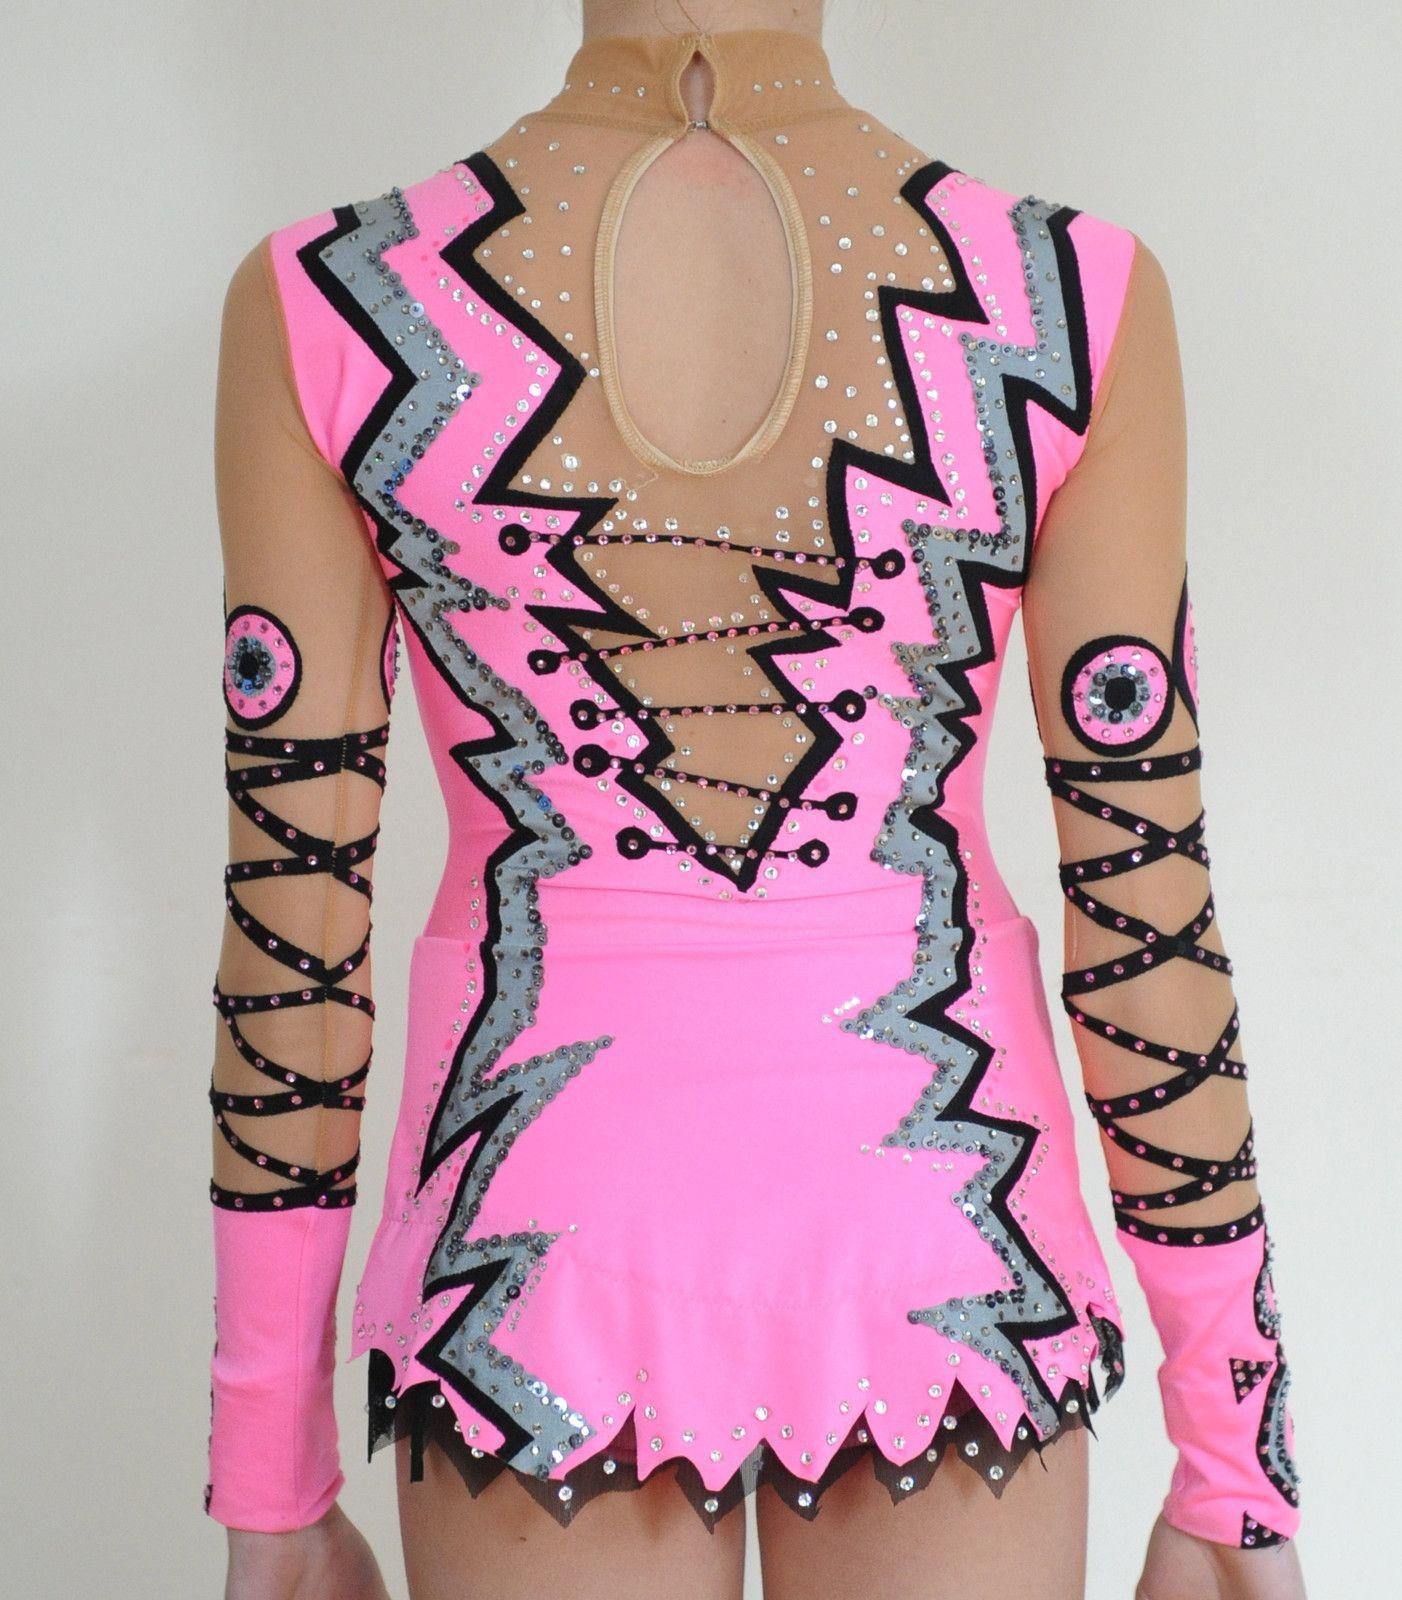 Custom Made Rhythmic Gymnastics Competition Leotard Used Pink  26e7feab1b8